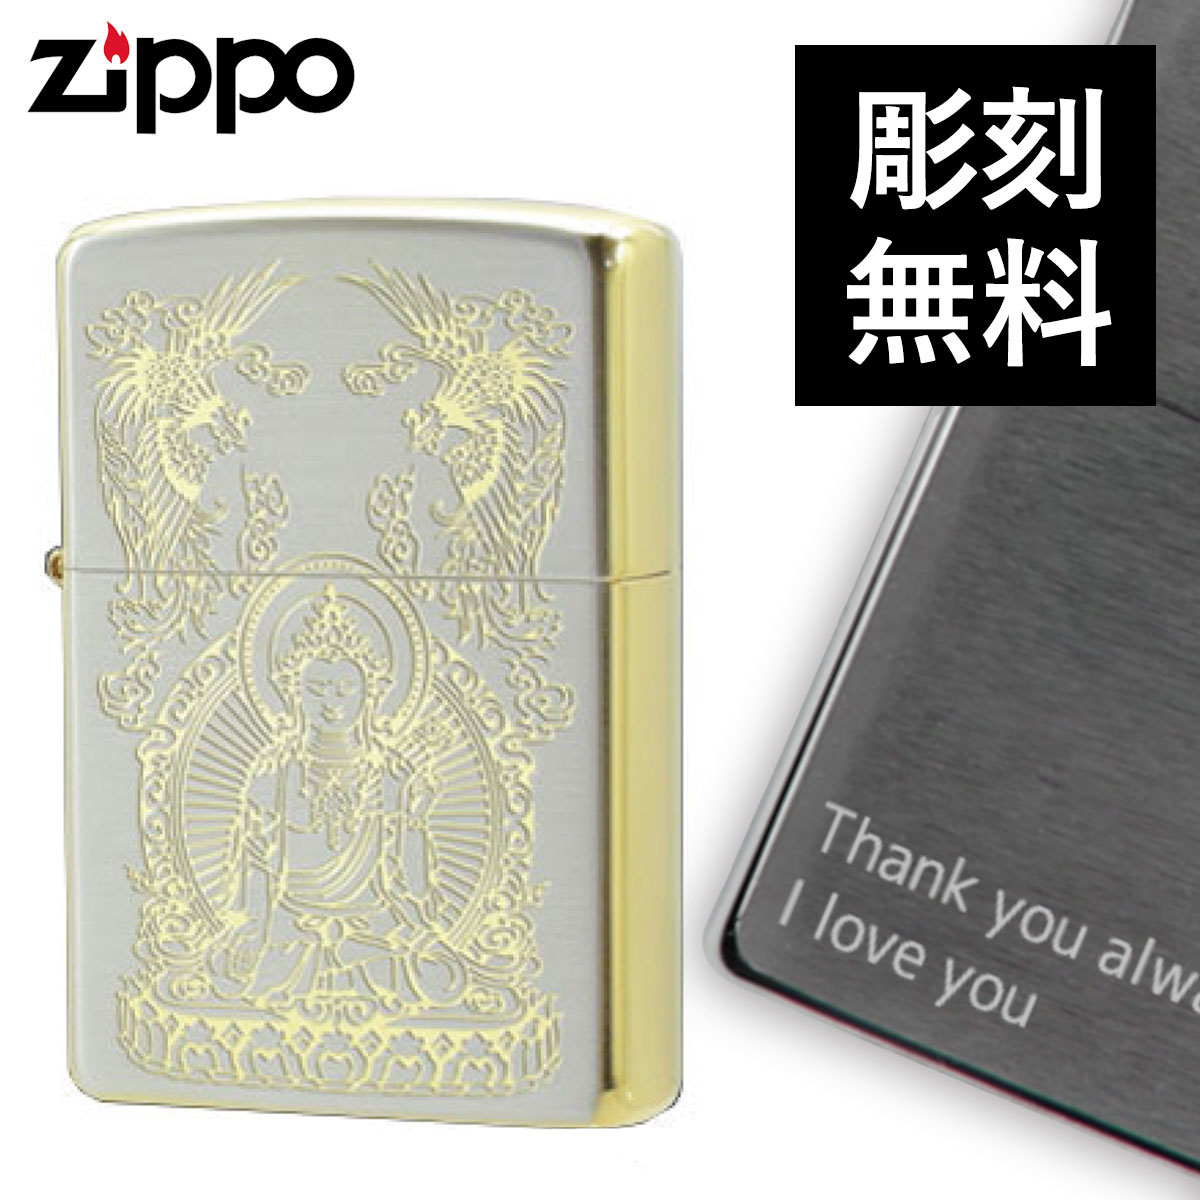 zippo 名入れ ジッポー ライター 和柄 日本のお土産 聖観世音菩薩SG 名入れ ギフト オイルライター ジッポライター ギフト プレゼント 彼氏 男性 メンズ